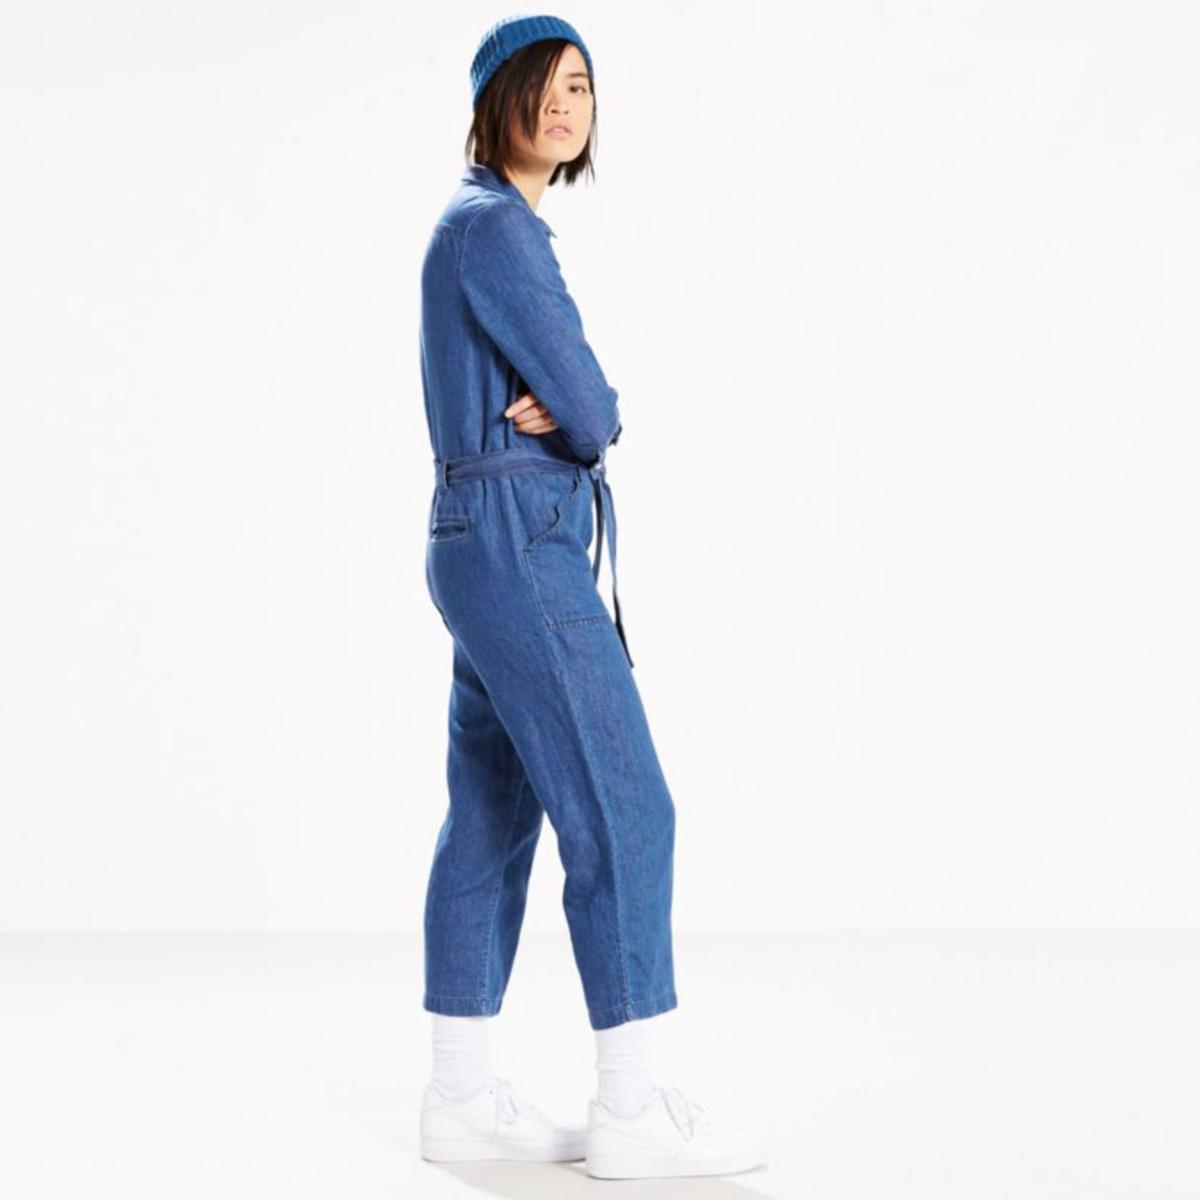 e4a48052c198 Levi s Premium Alix Jumpsuit in Medium Authentic